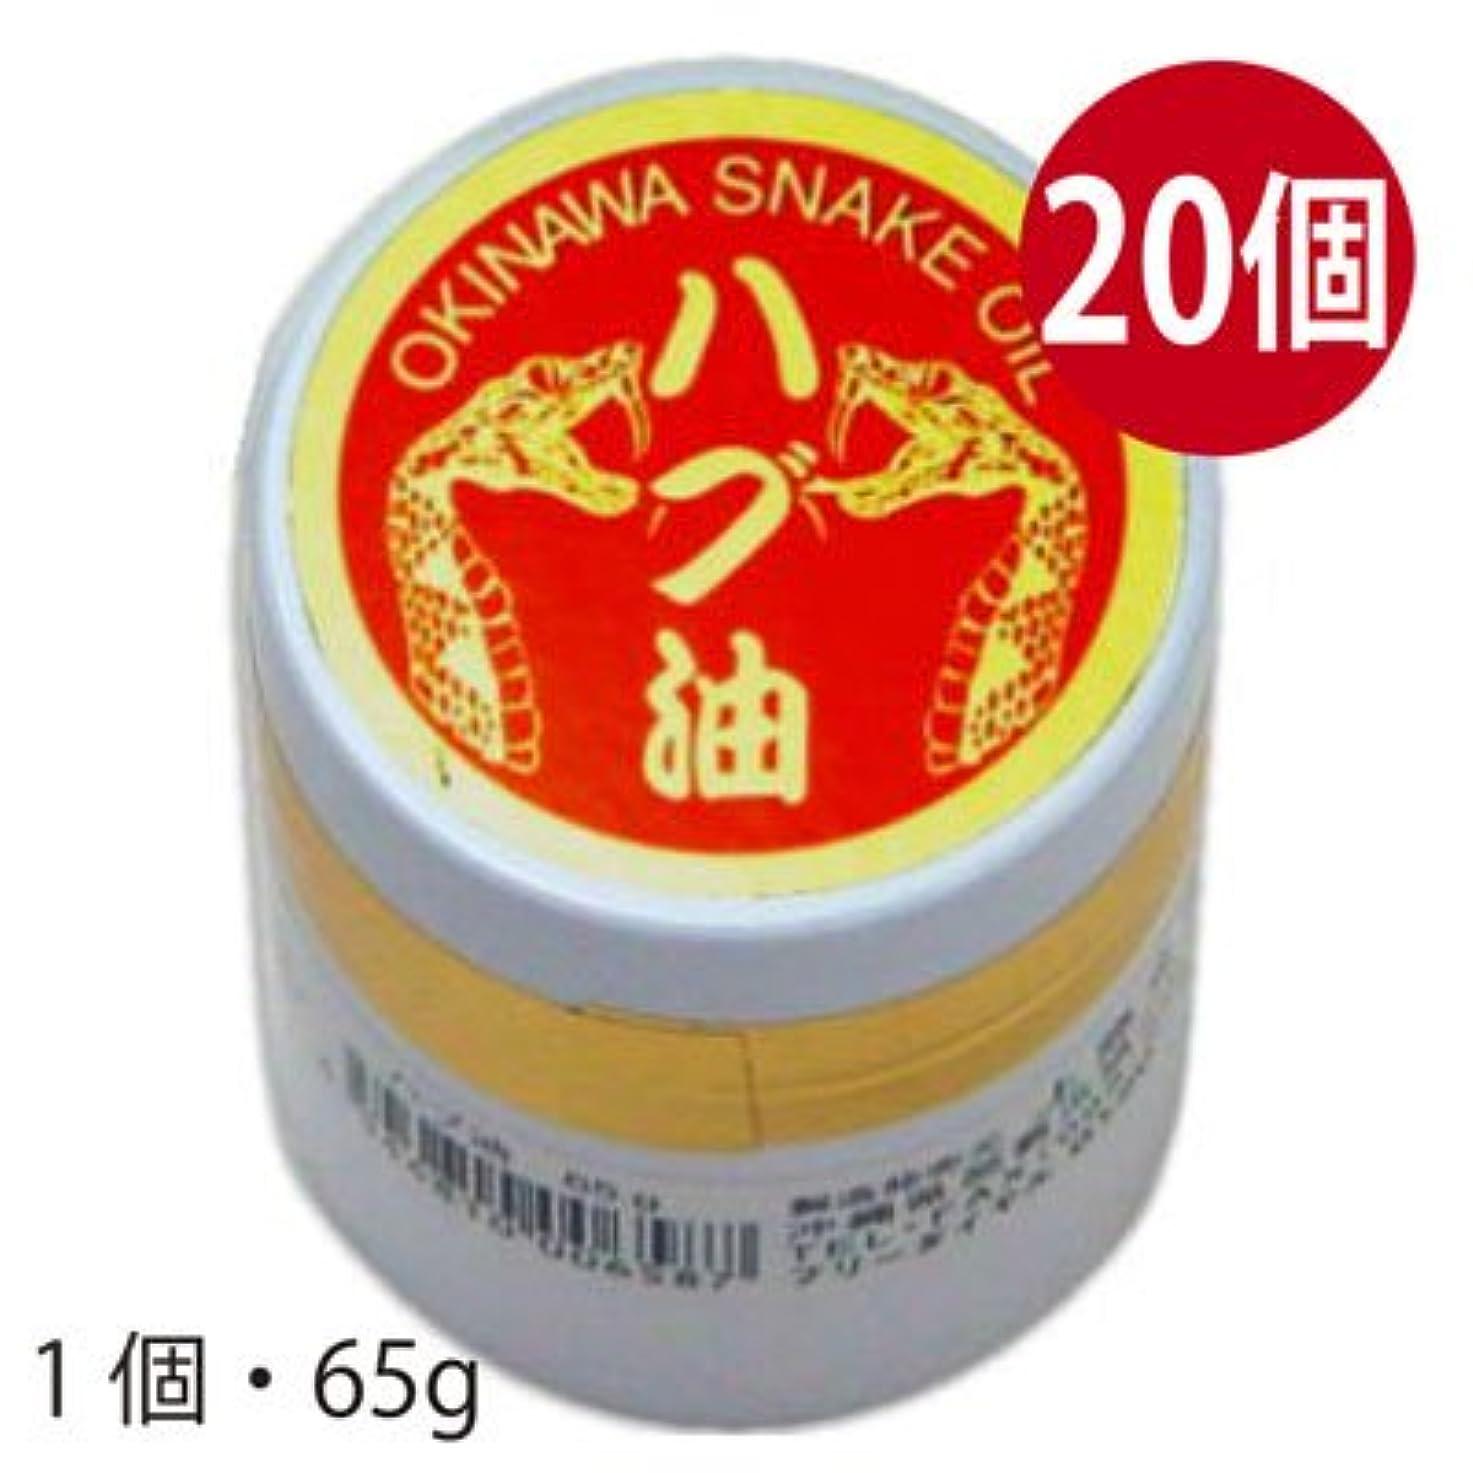 マカダム財布アラブ沖縄県産 ハブ油軟膏タイプ 65g×20個